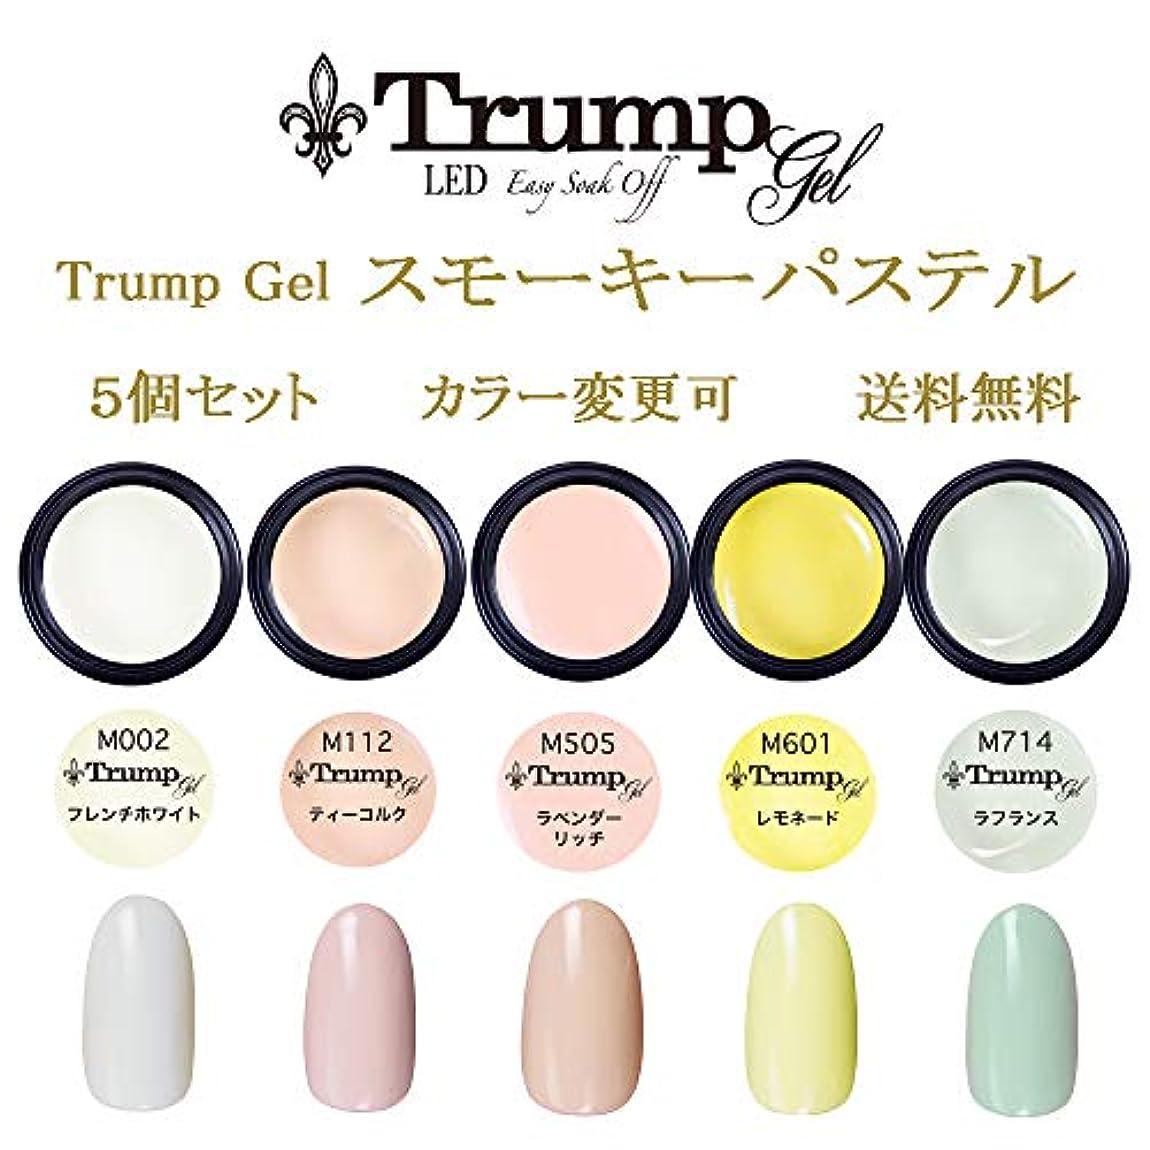 無駄に雑品アプト日本製 Trump gel トランプジェル スモーキー パステルカラー 選べる カラージェル5個セット ホワイト ベージュ ピンク イエロー グリーン